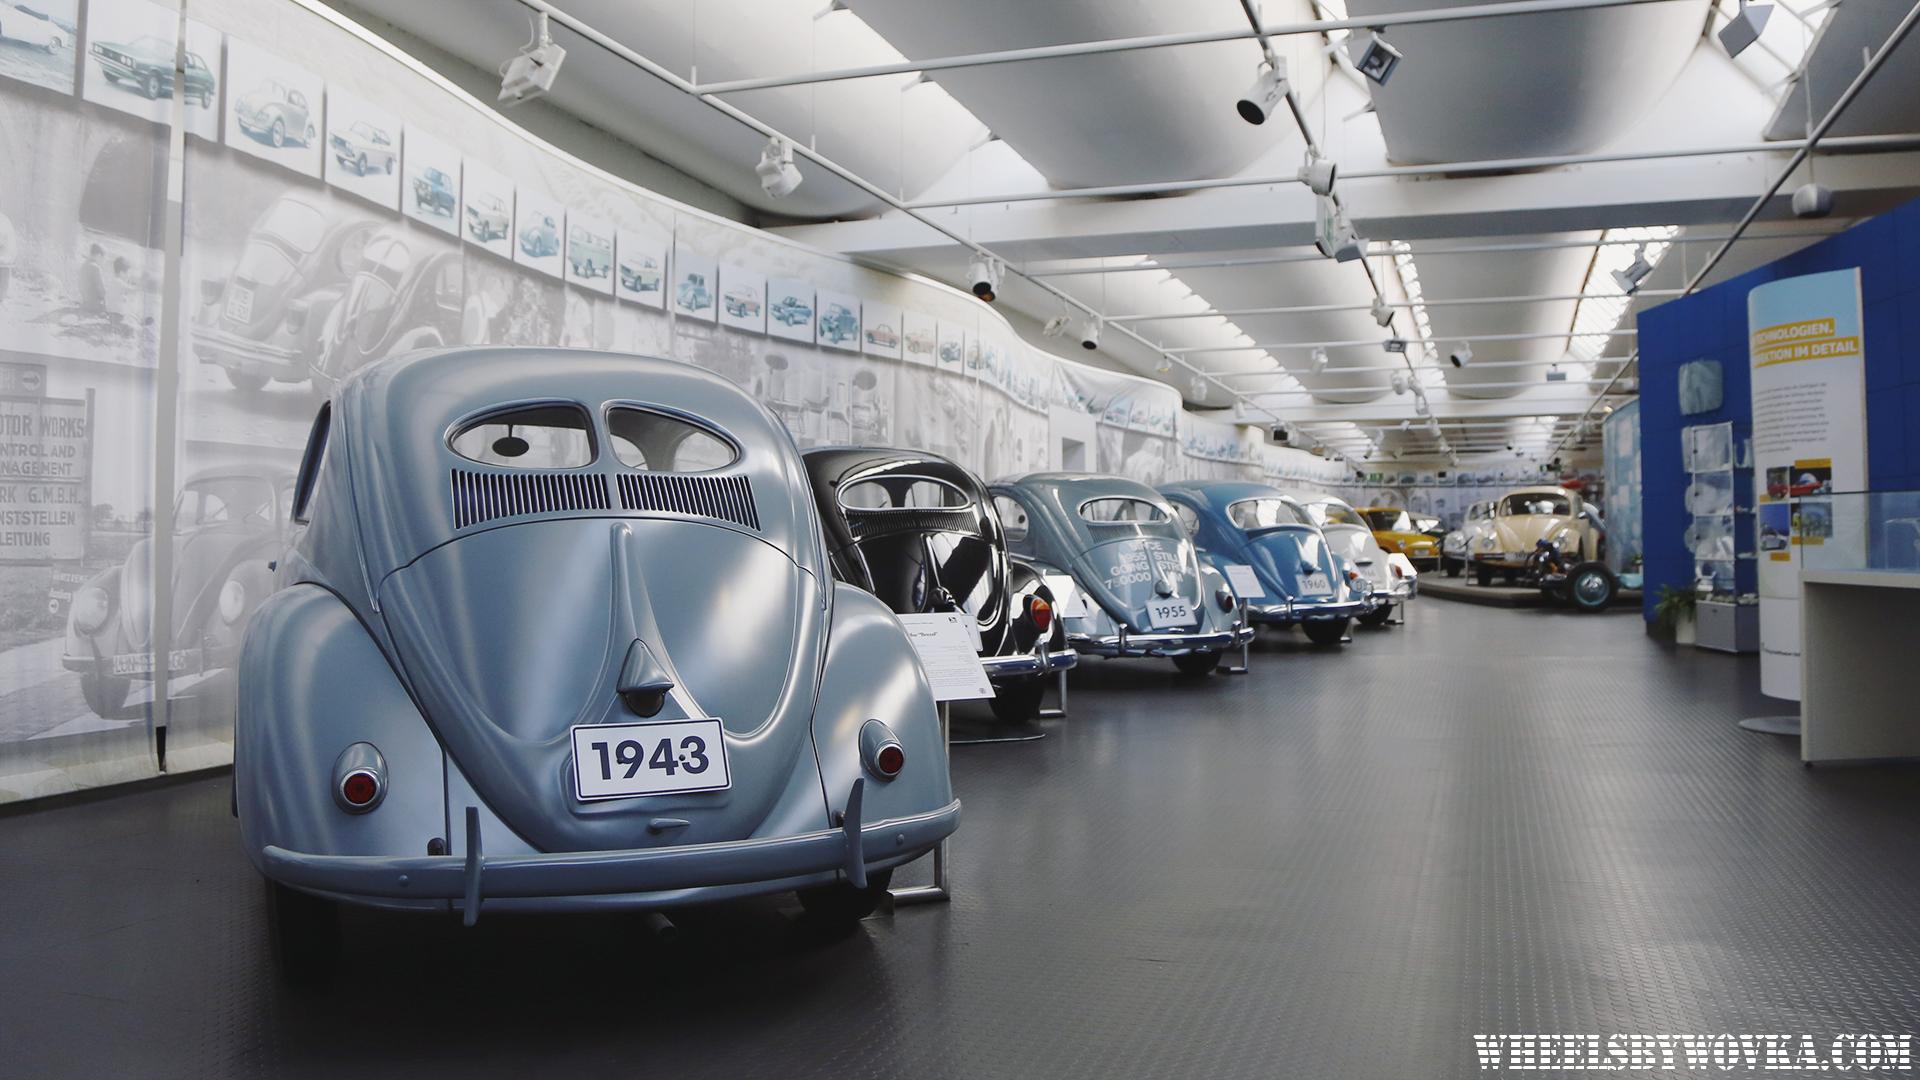 volkswagen-vw-museum-wolfsbourg-tour-by-wheelsbywovka-1